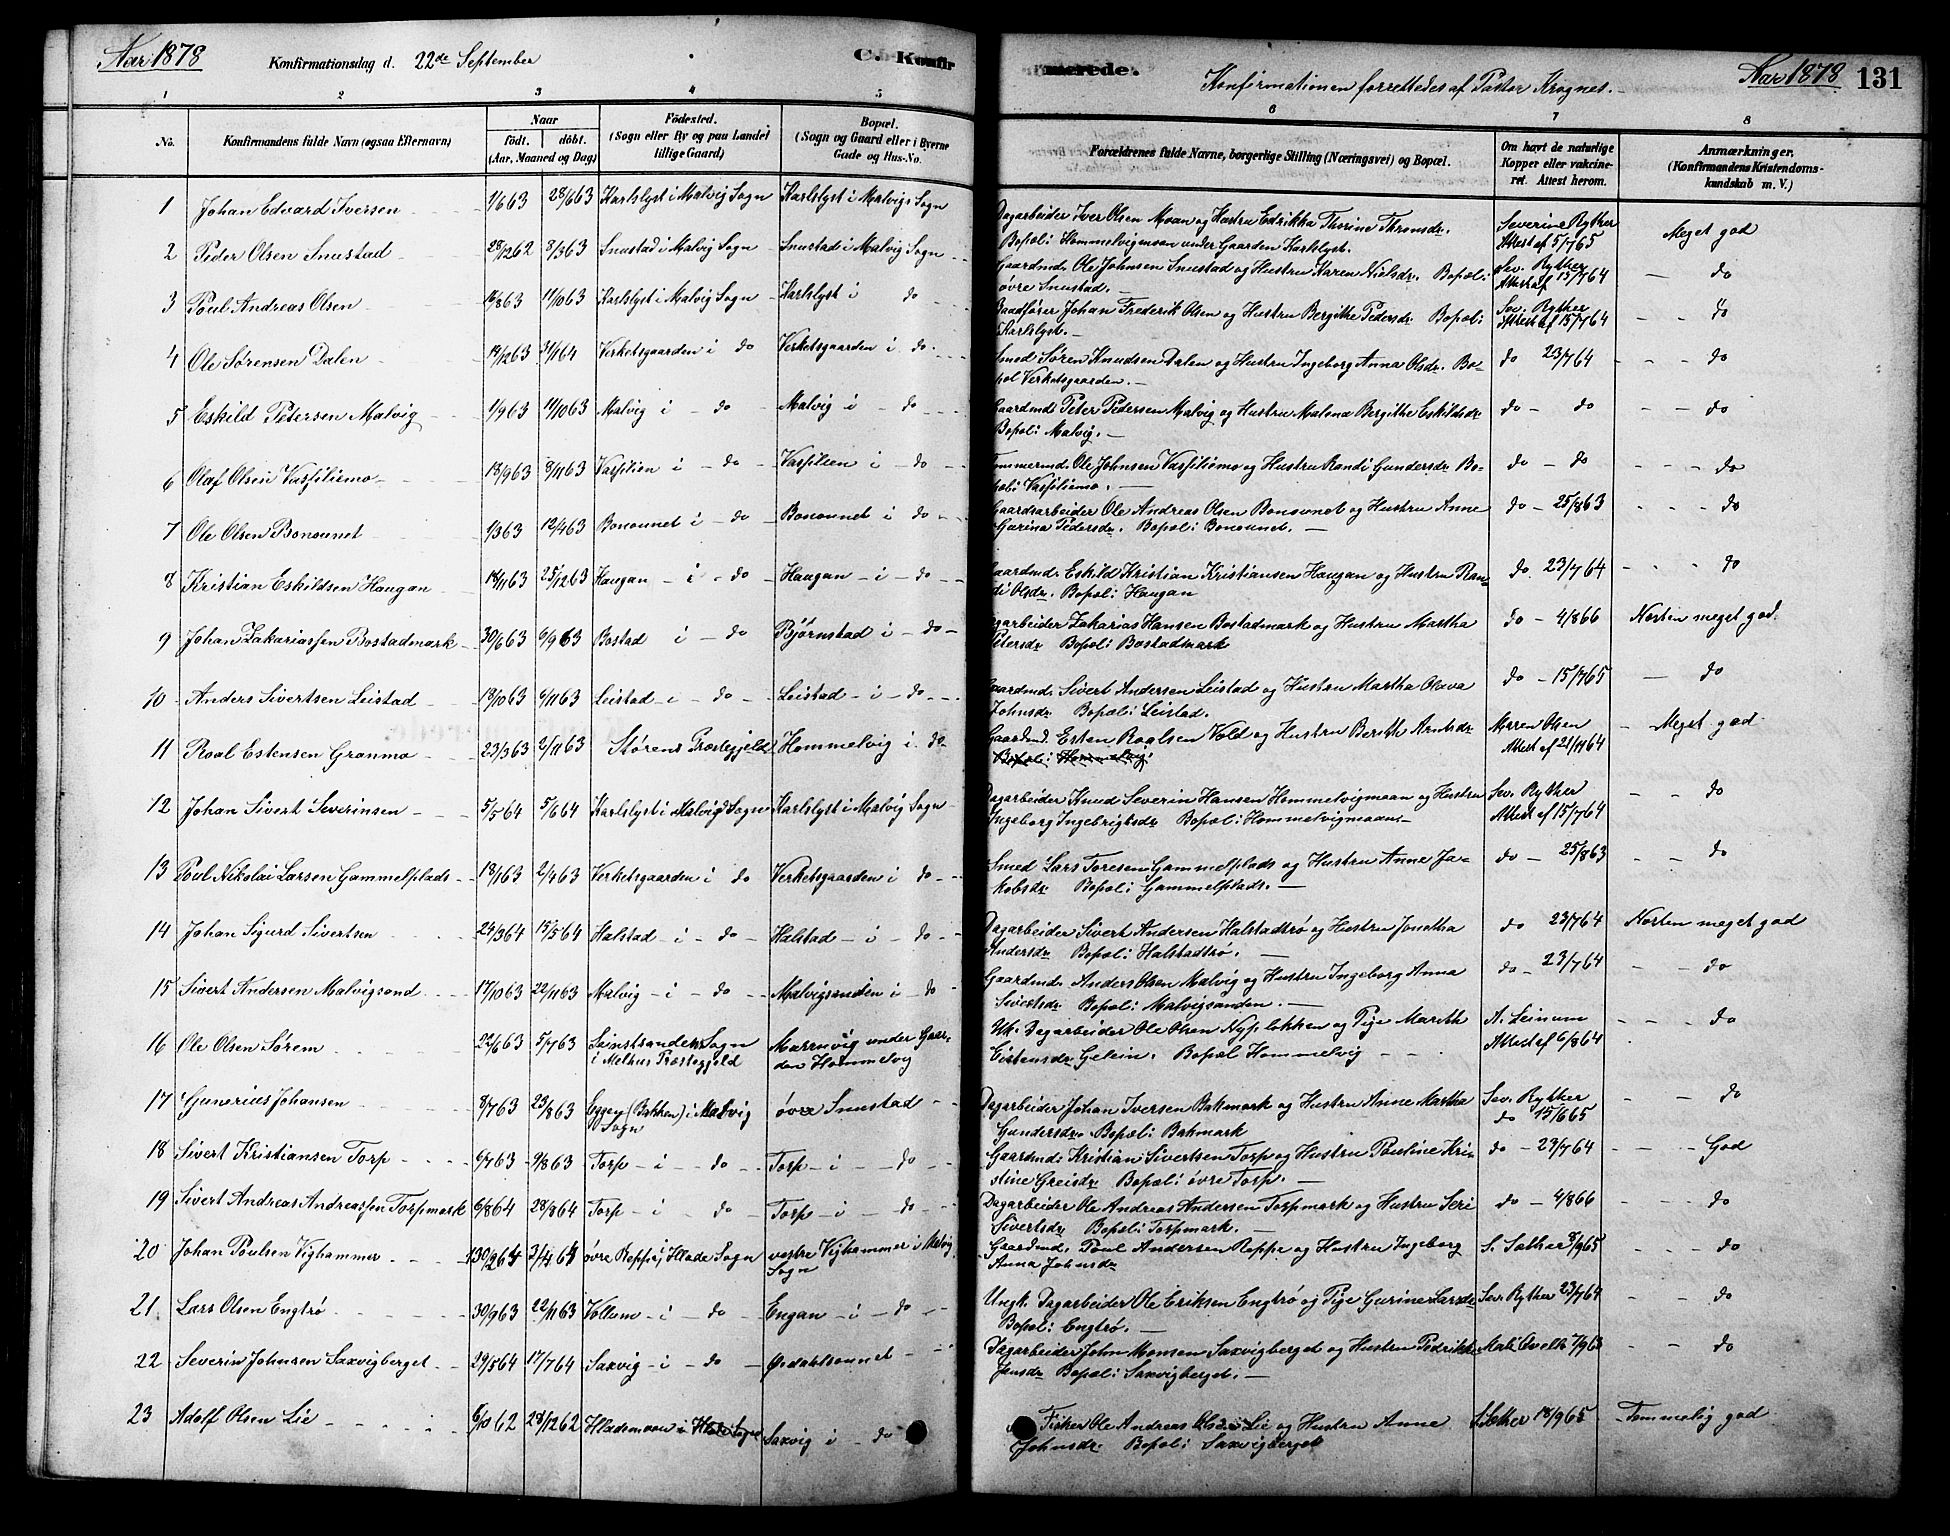 SAT, Ministerialprotokoller, klokkerbøker og fødselsregistre - Sør-Trøndelag, 616/L0423: Klokkerbok nr. 616C06, 1878-1903, s. 131